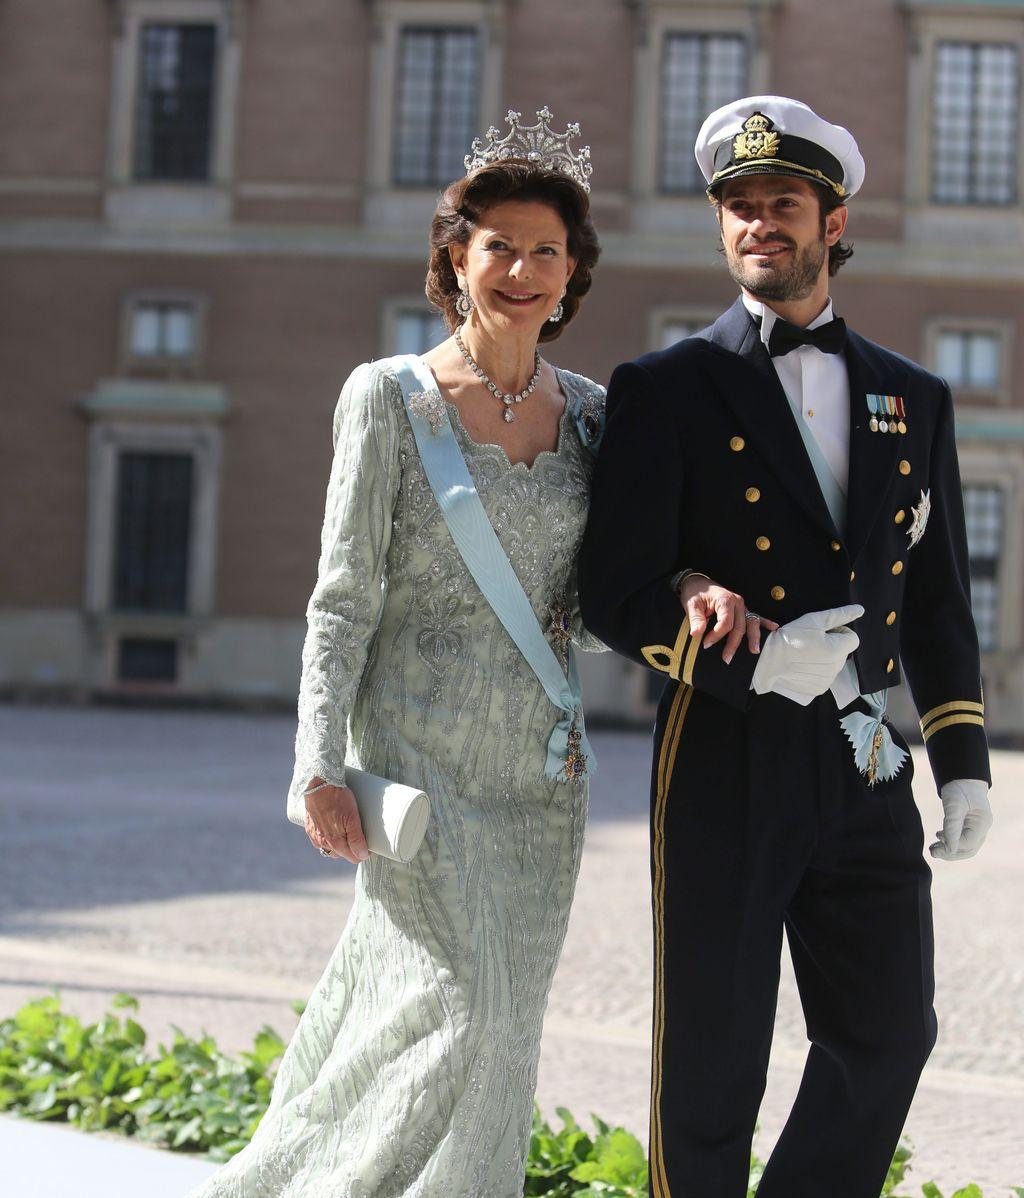 La Reina Silvia y el Príncipe Carlos Felipe de Suecia